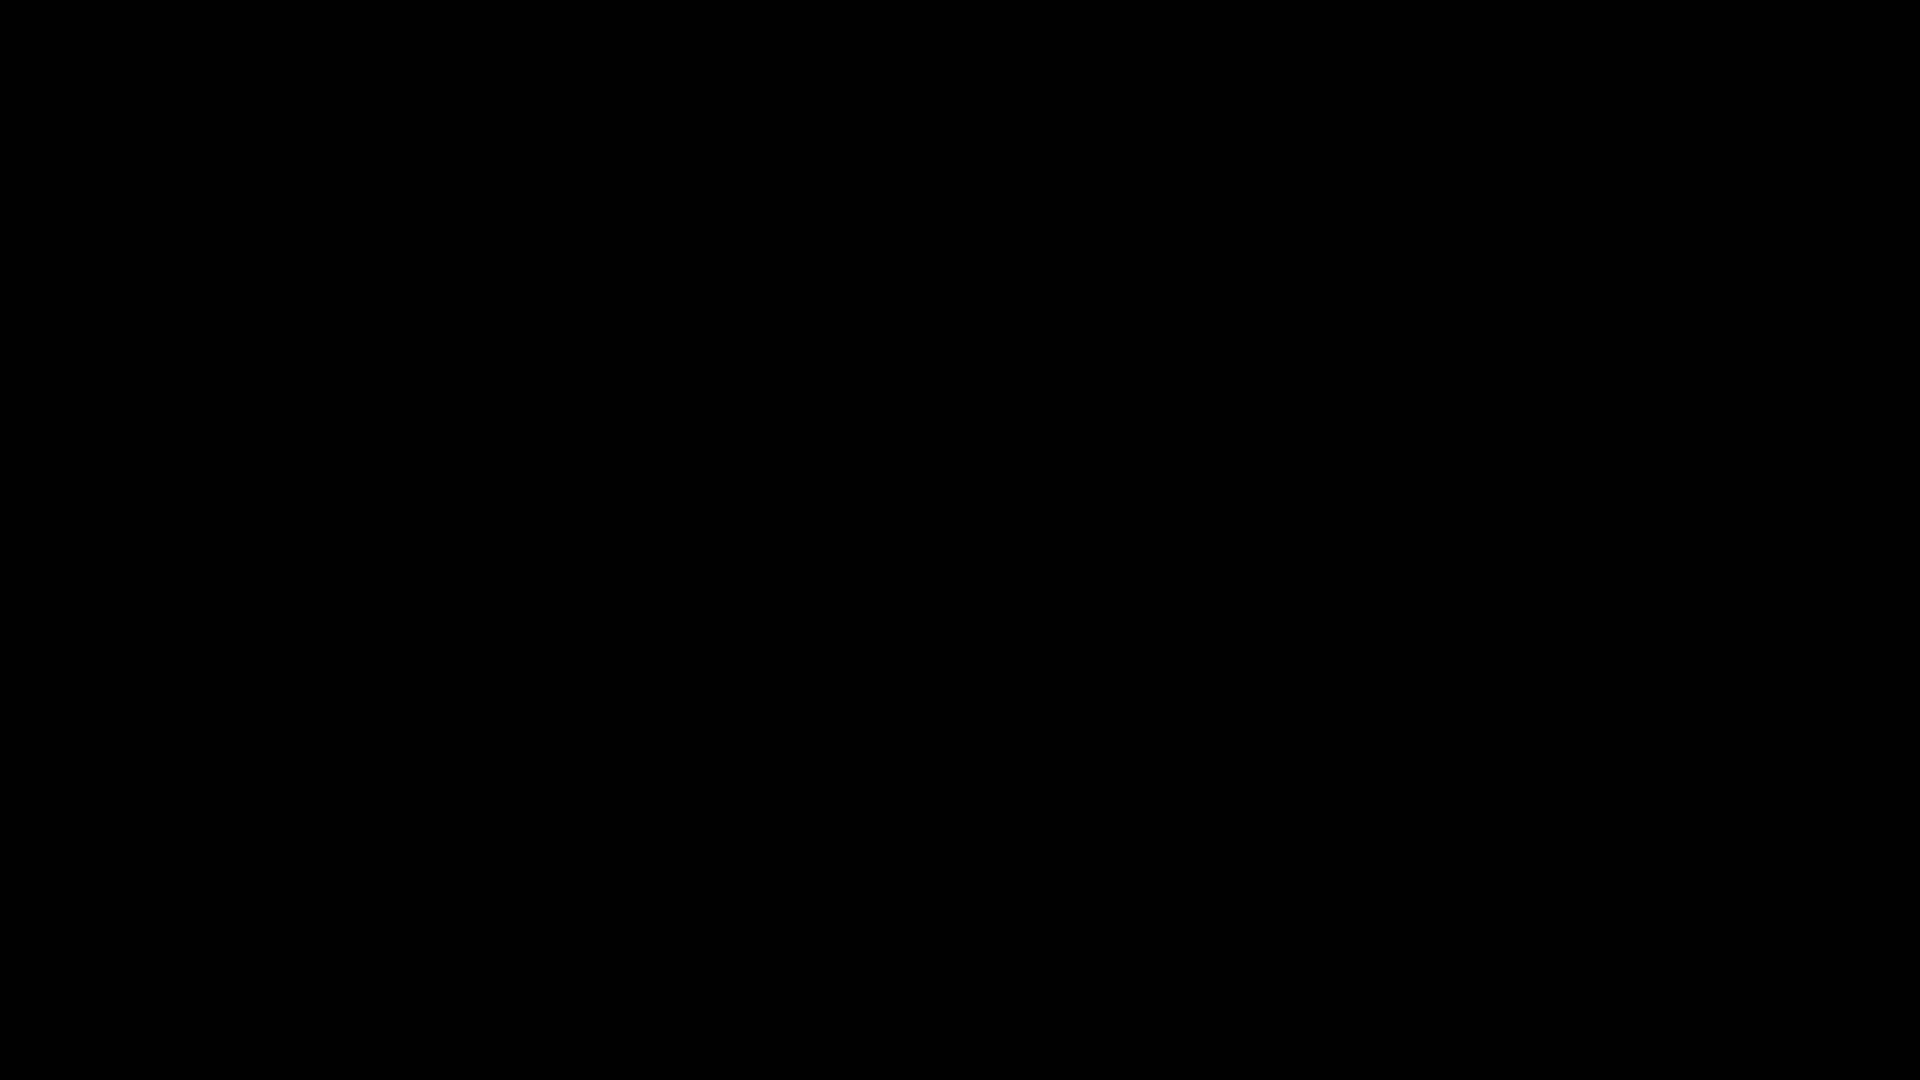 haloonline, Wraitshee - The Ultimate Noob Vehicule (reddit) GIFs